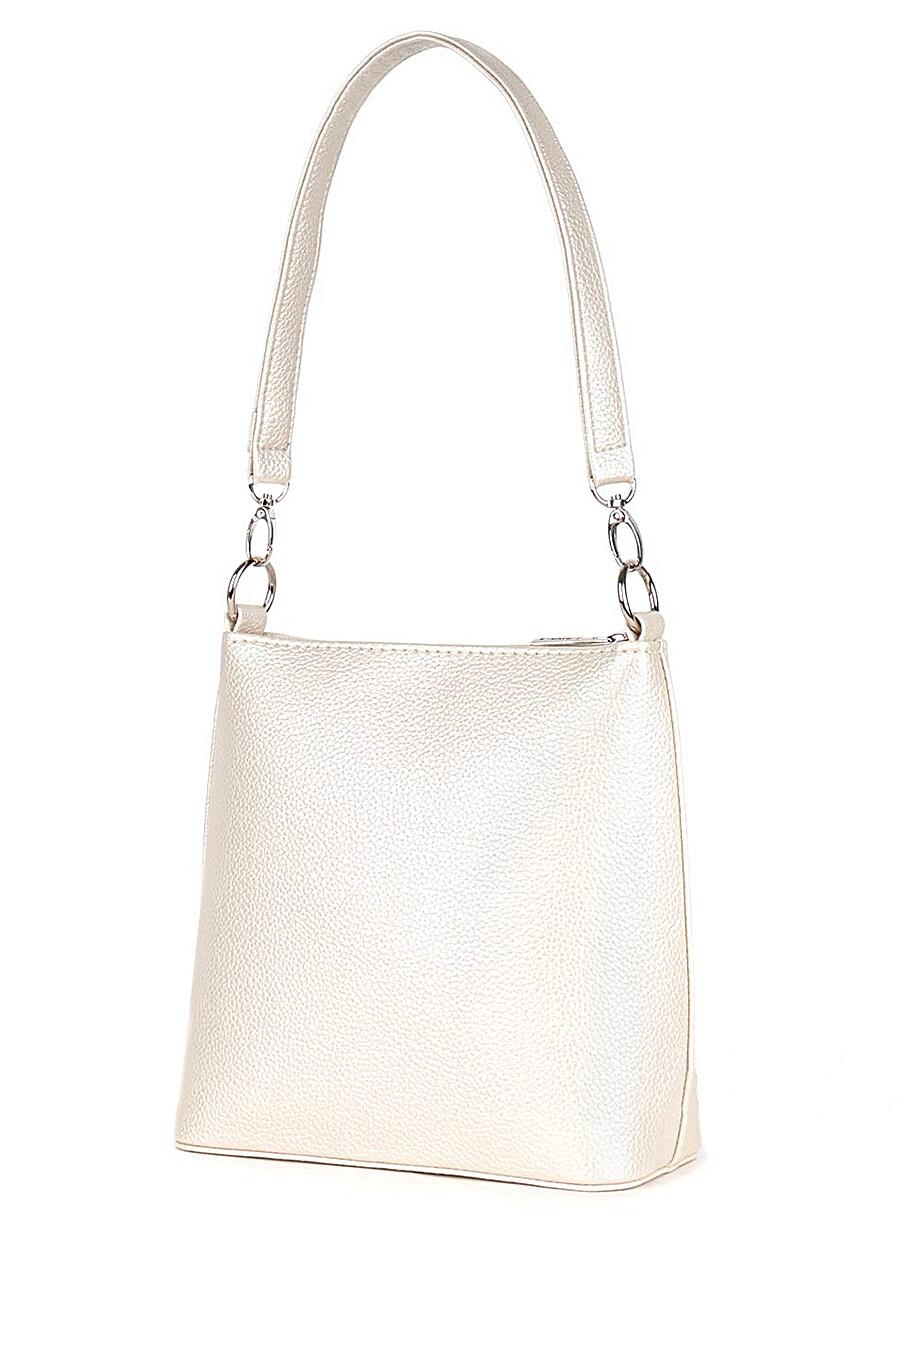 Сумка для женщин L-CRAFT 667915 купить оптом от производителя. Совместная покупка женской одежды в OptMoyo